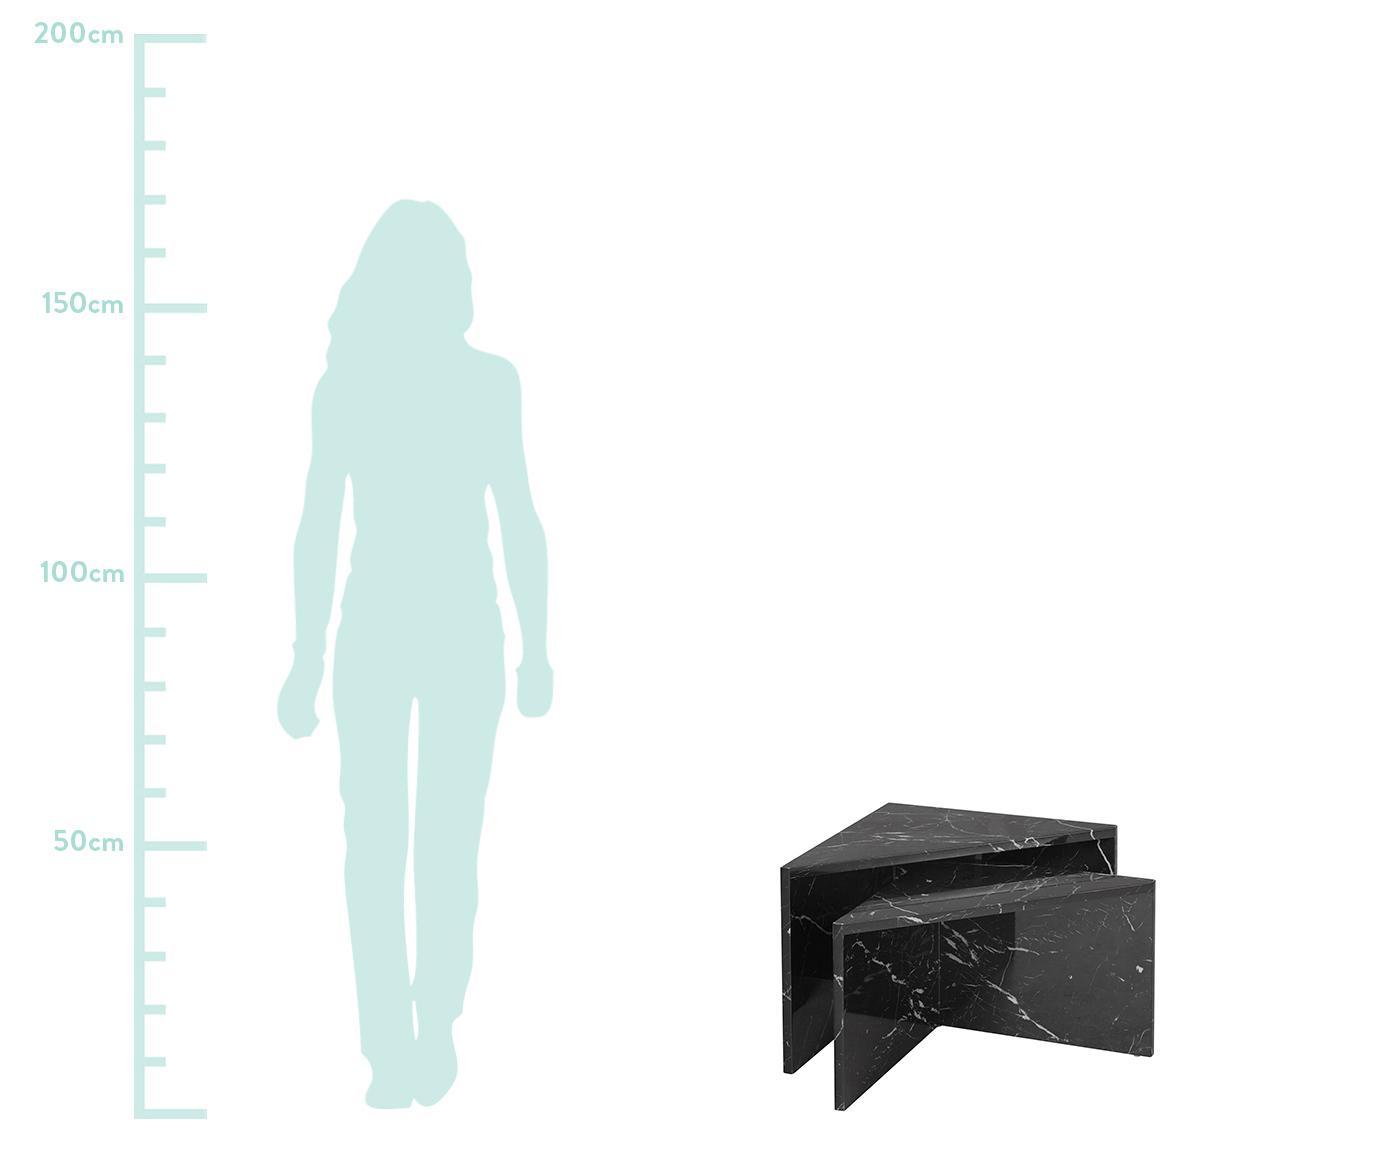 Sada konferenčních stolků smramorováním Vilma, 2 díly, Mramorovaná lesklá černá